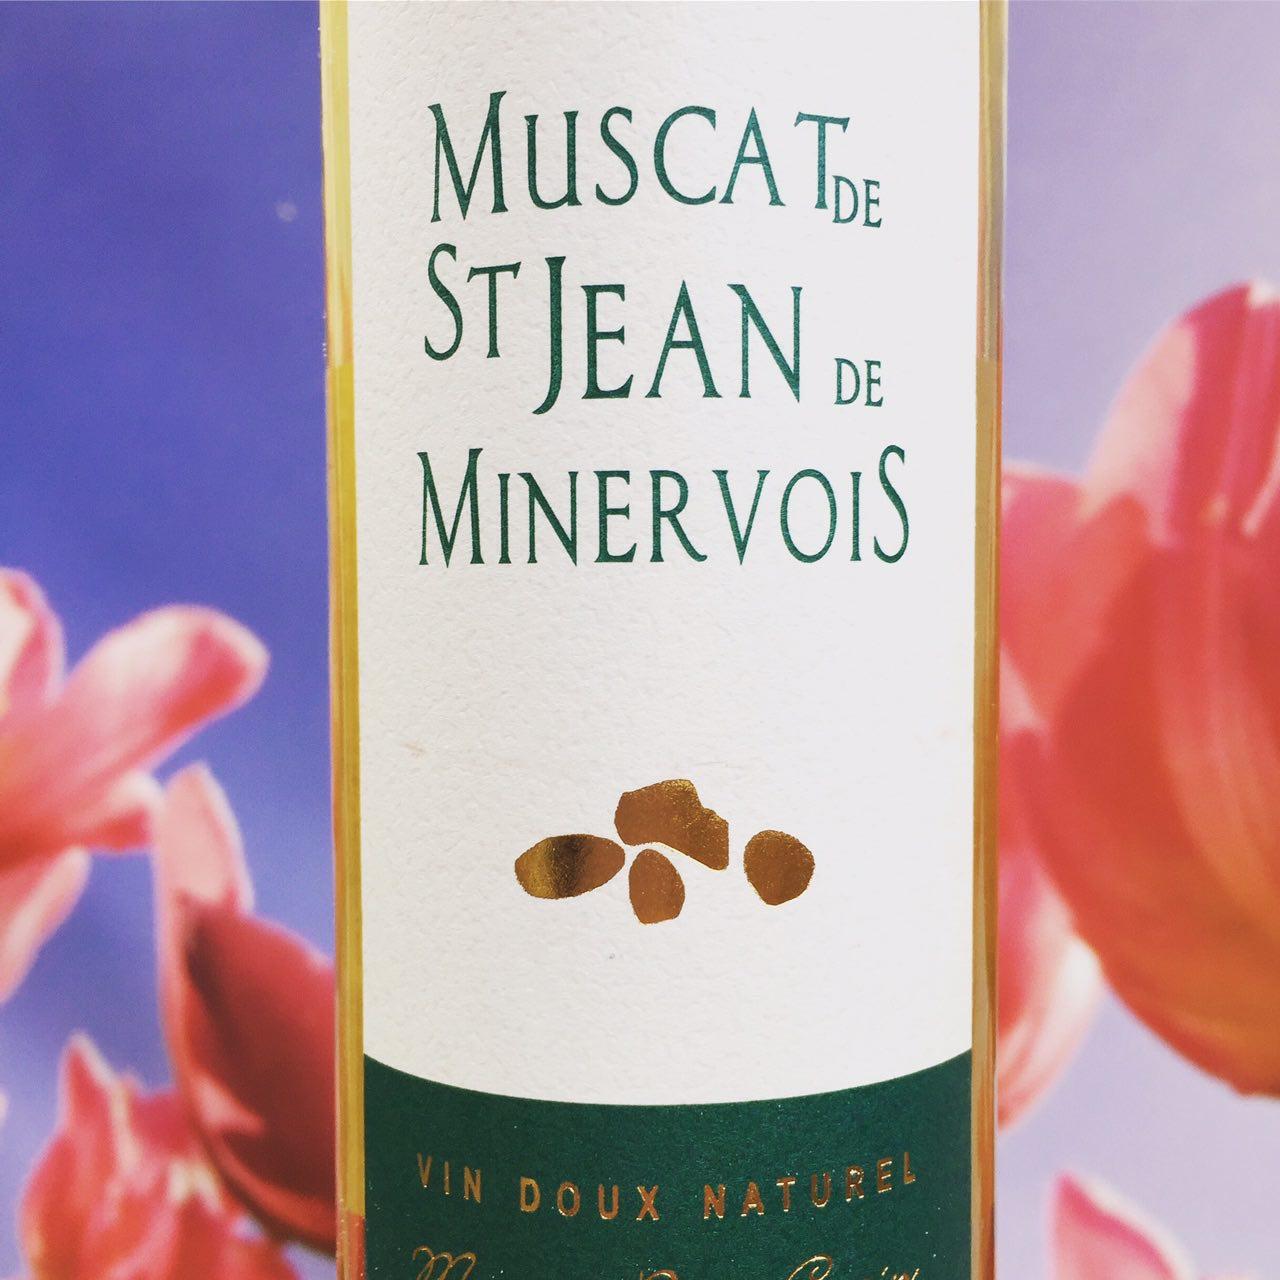 Muscat de St Jean de Minervois Review